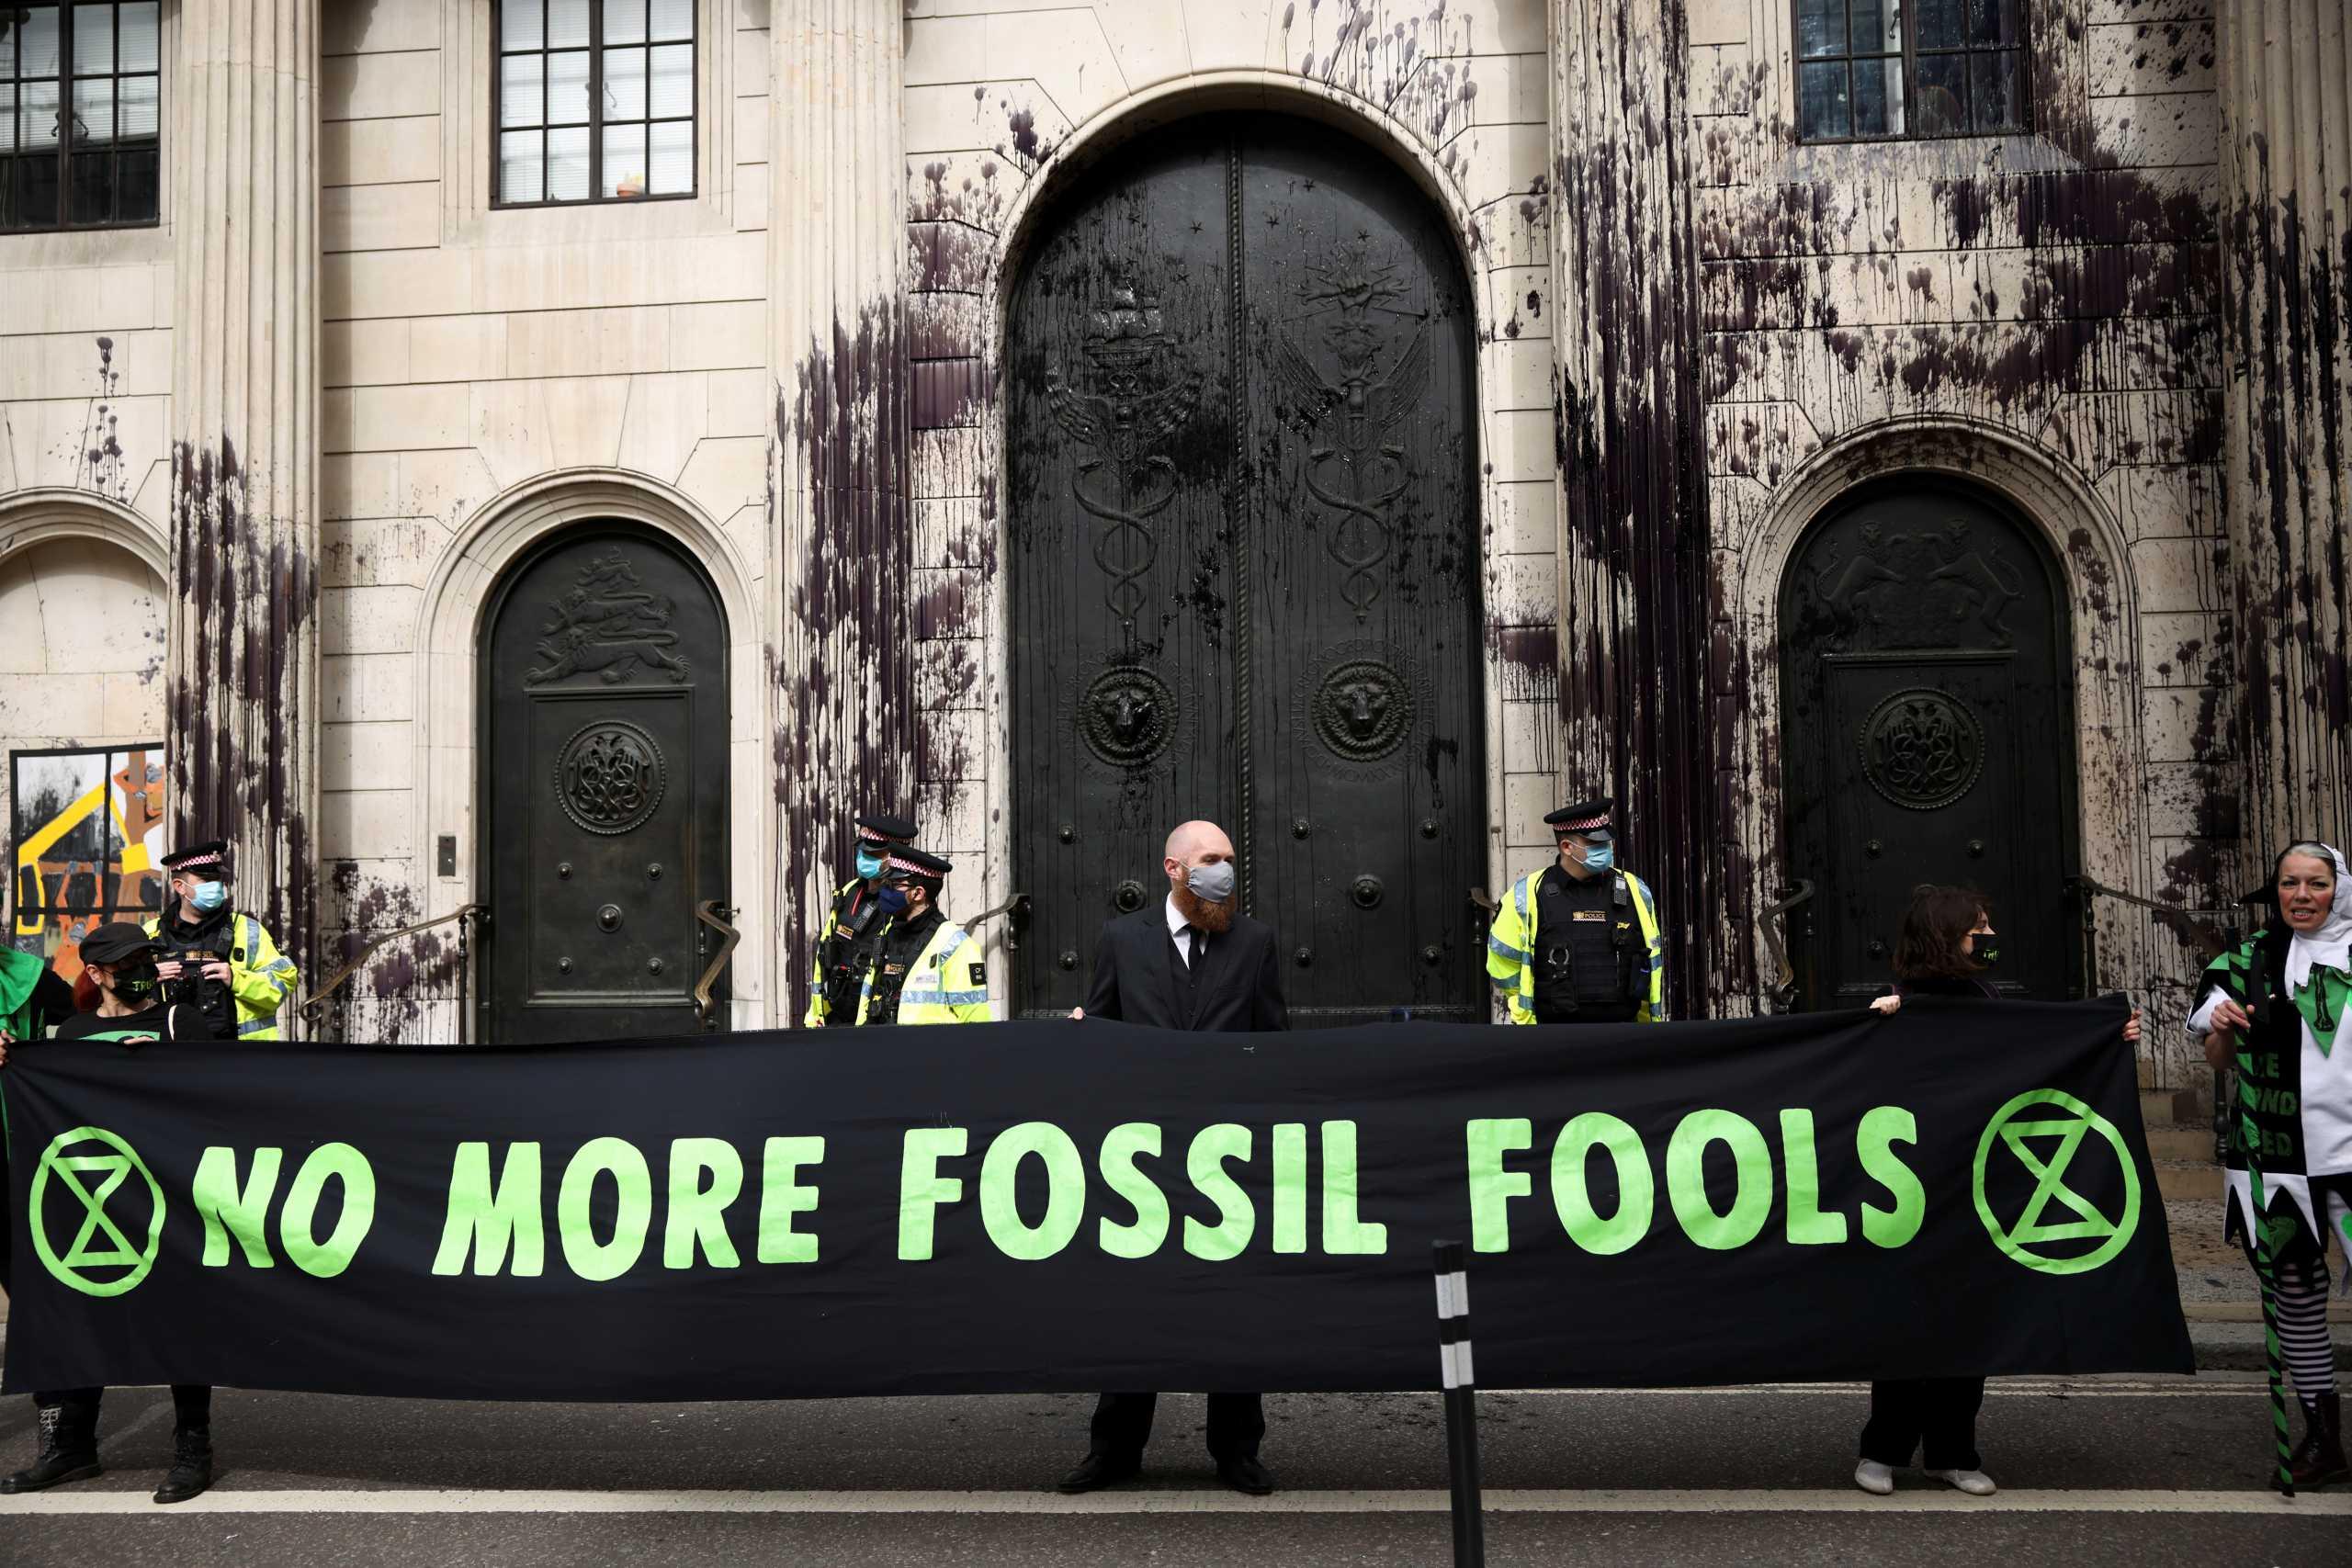 Ακτιβιστές για το κλίμα πέταξαν μαύρη μπογιά στο κτίριο της Τράπεζας της Αγγλίας (pics)